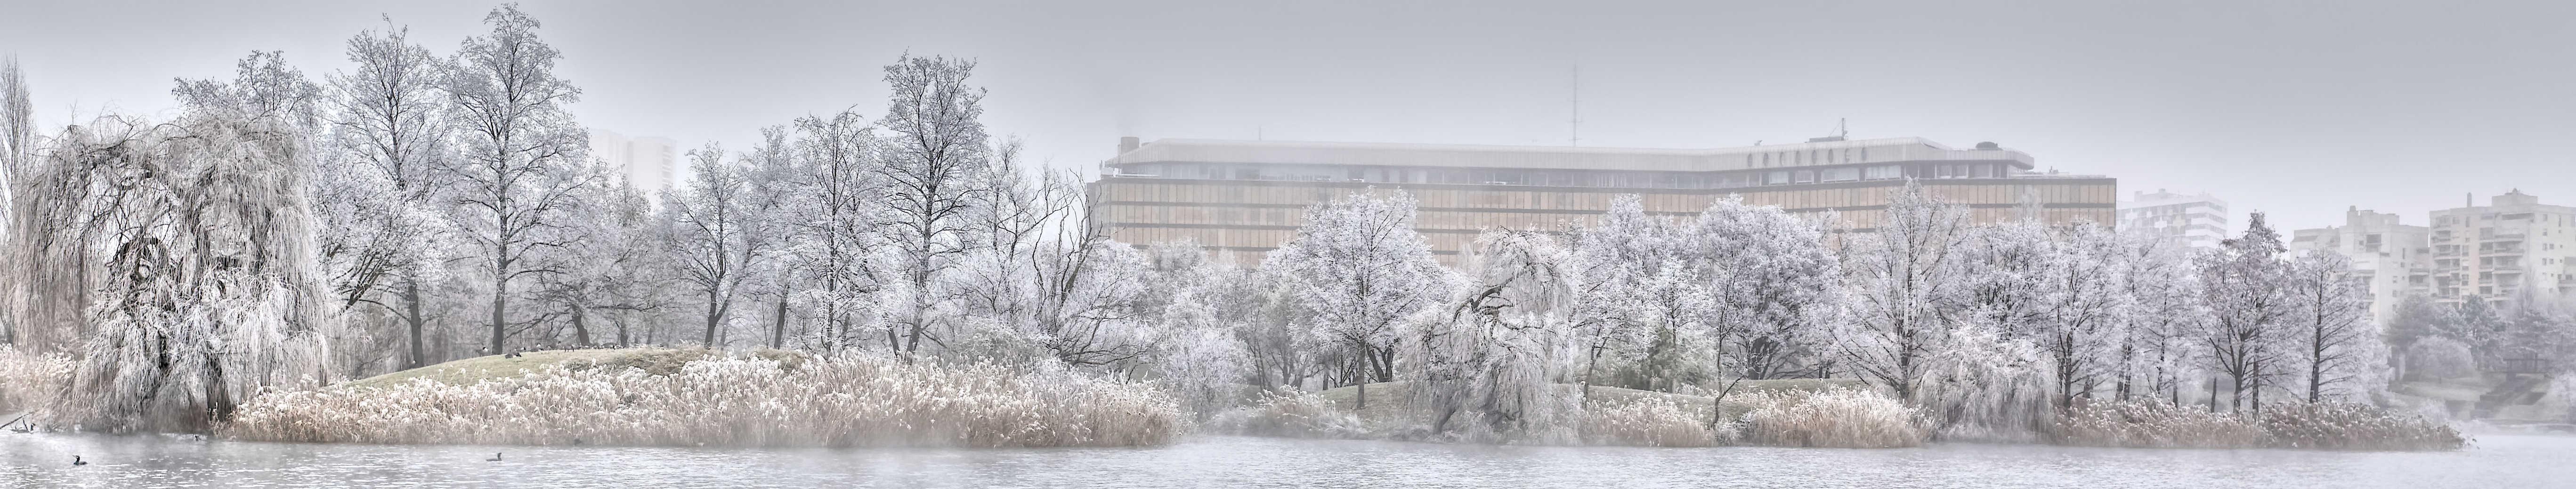 Le lac de Créteil - - Ambiance givrée